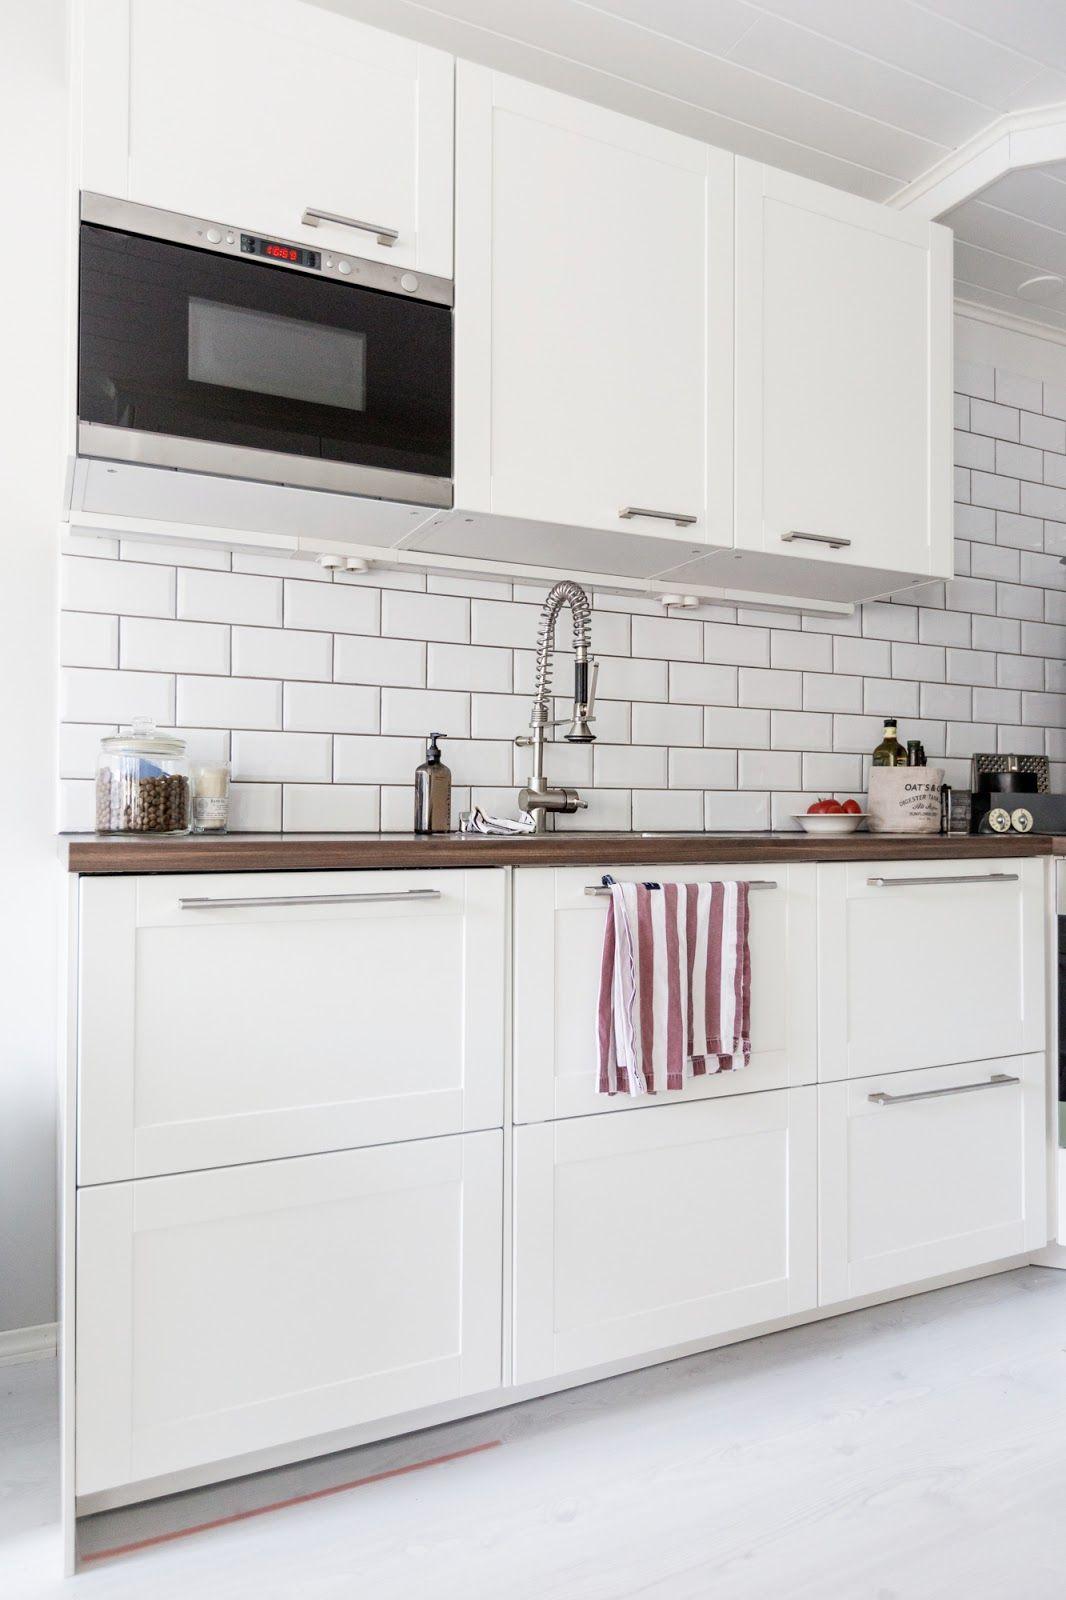 White kitchen / Subway tiles / White floor http://skiglari-norppa.blogspot.com